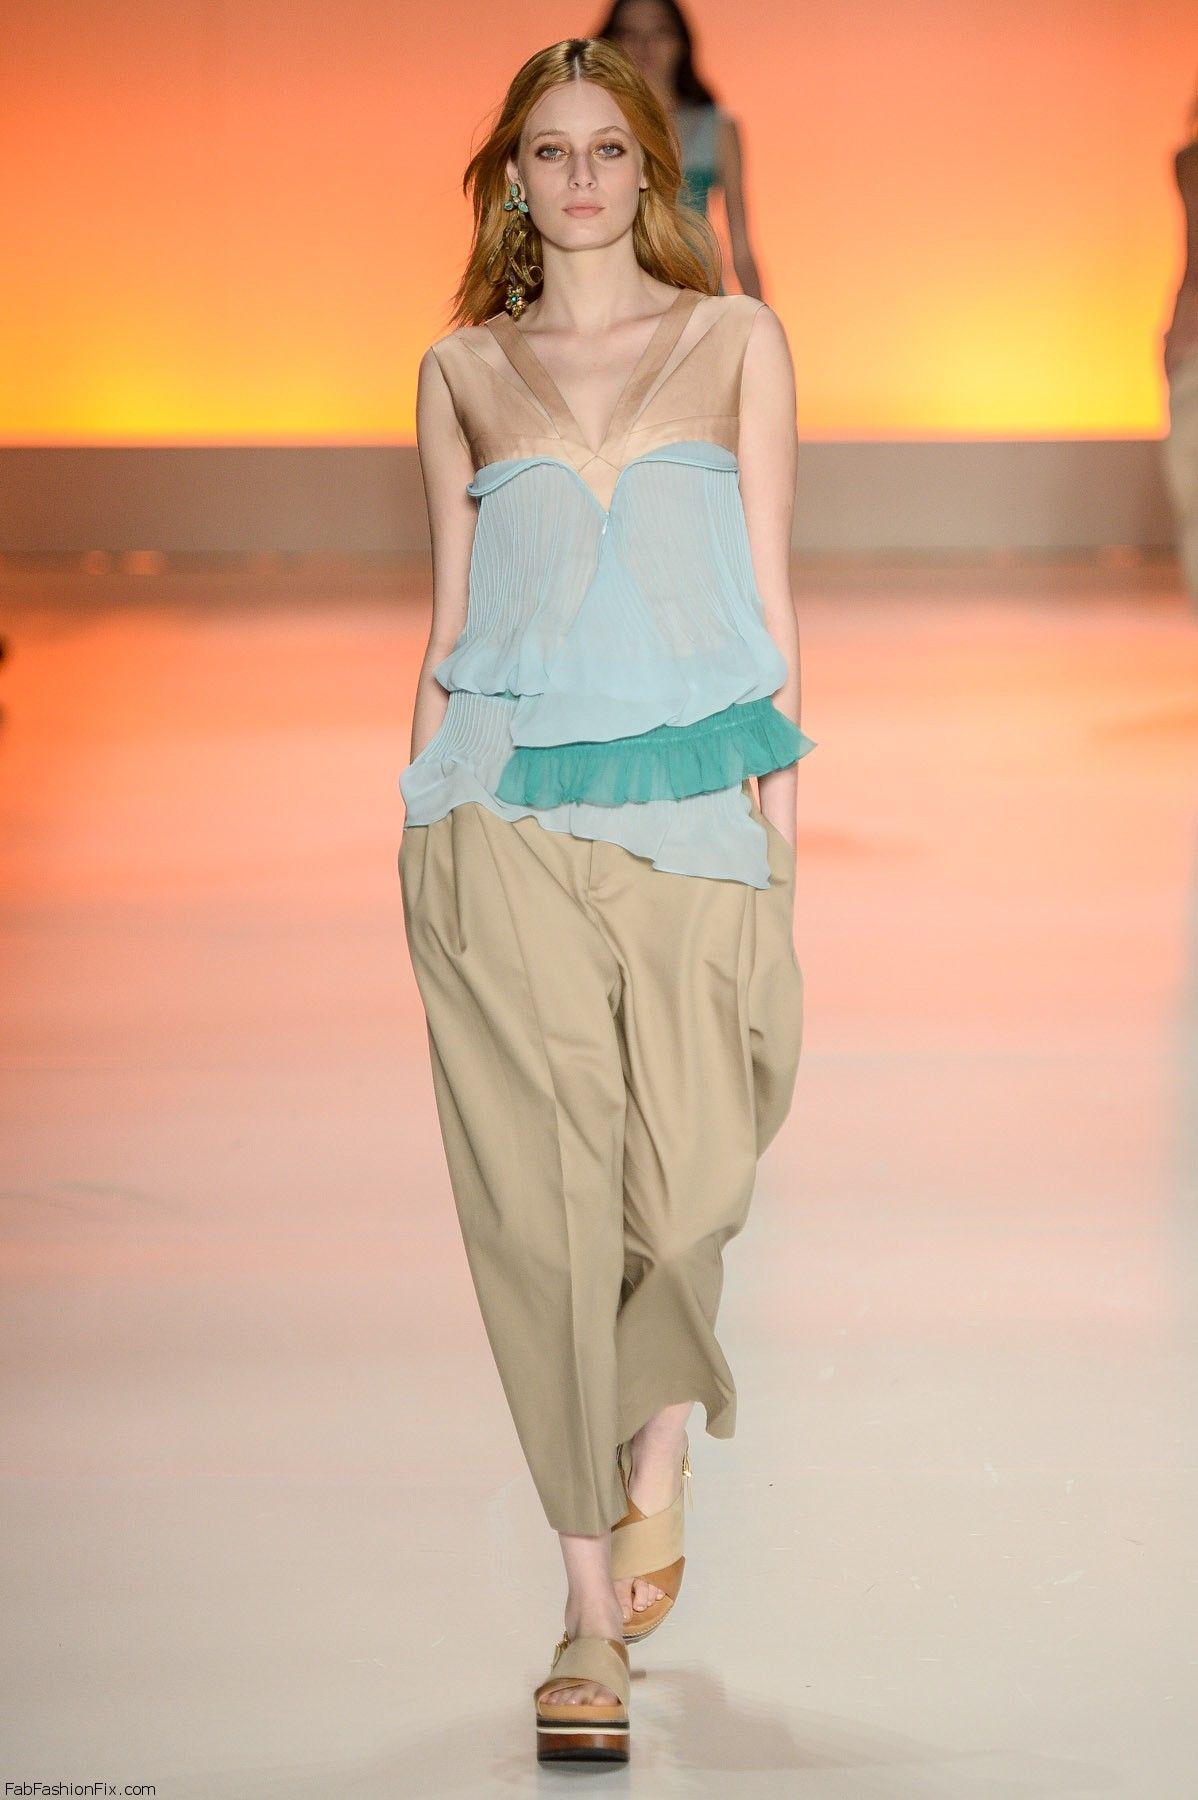 Triton spring/summer 2015 at Sao Paulo Fashion Week